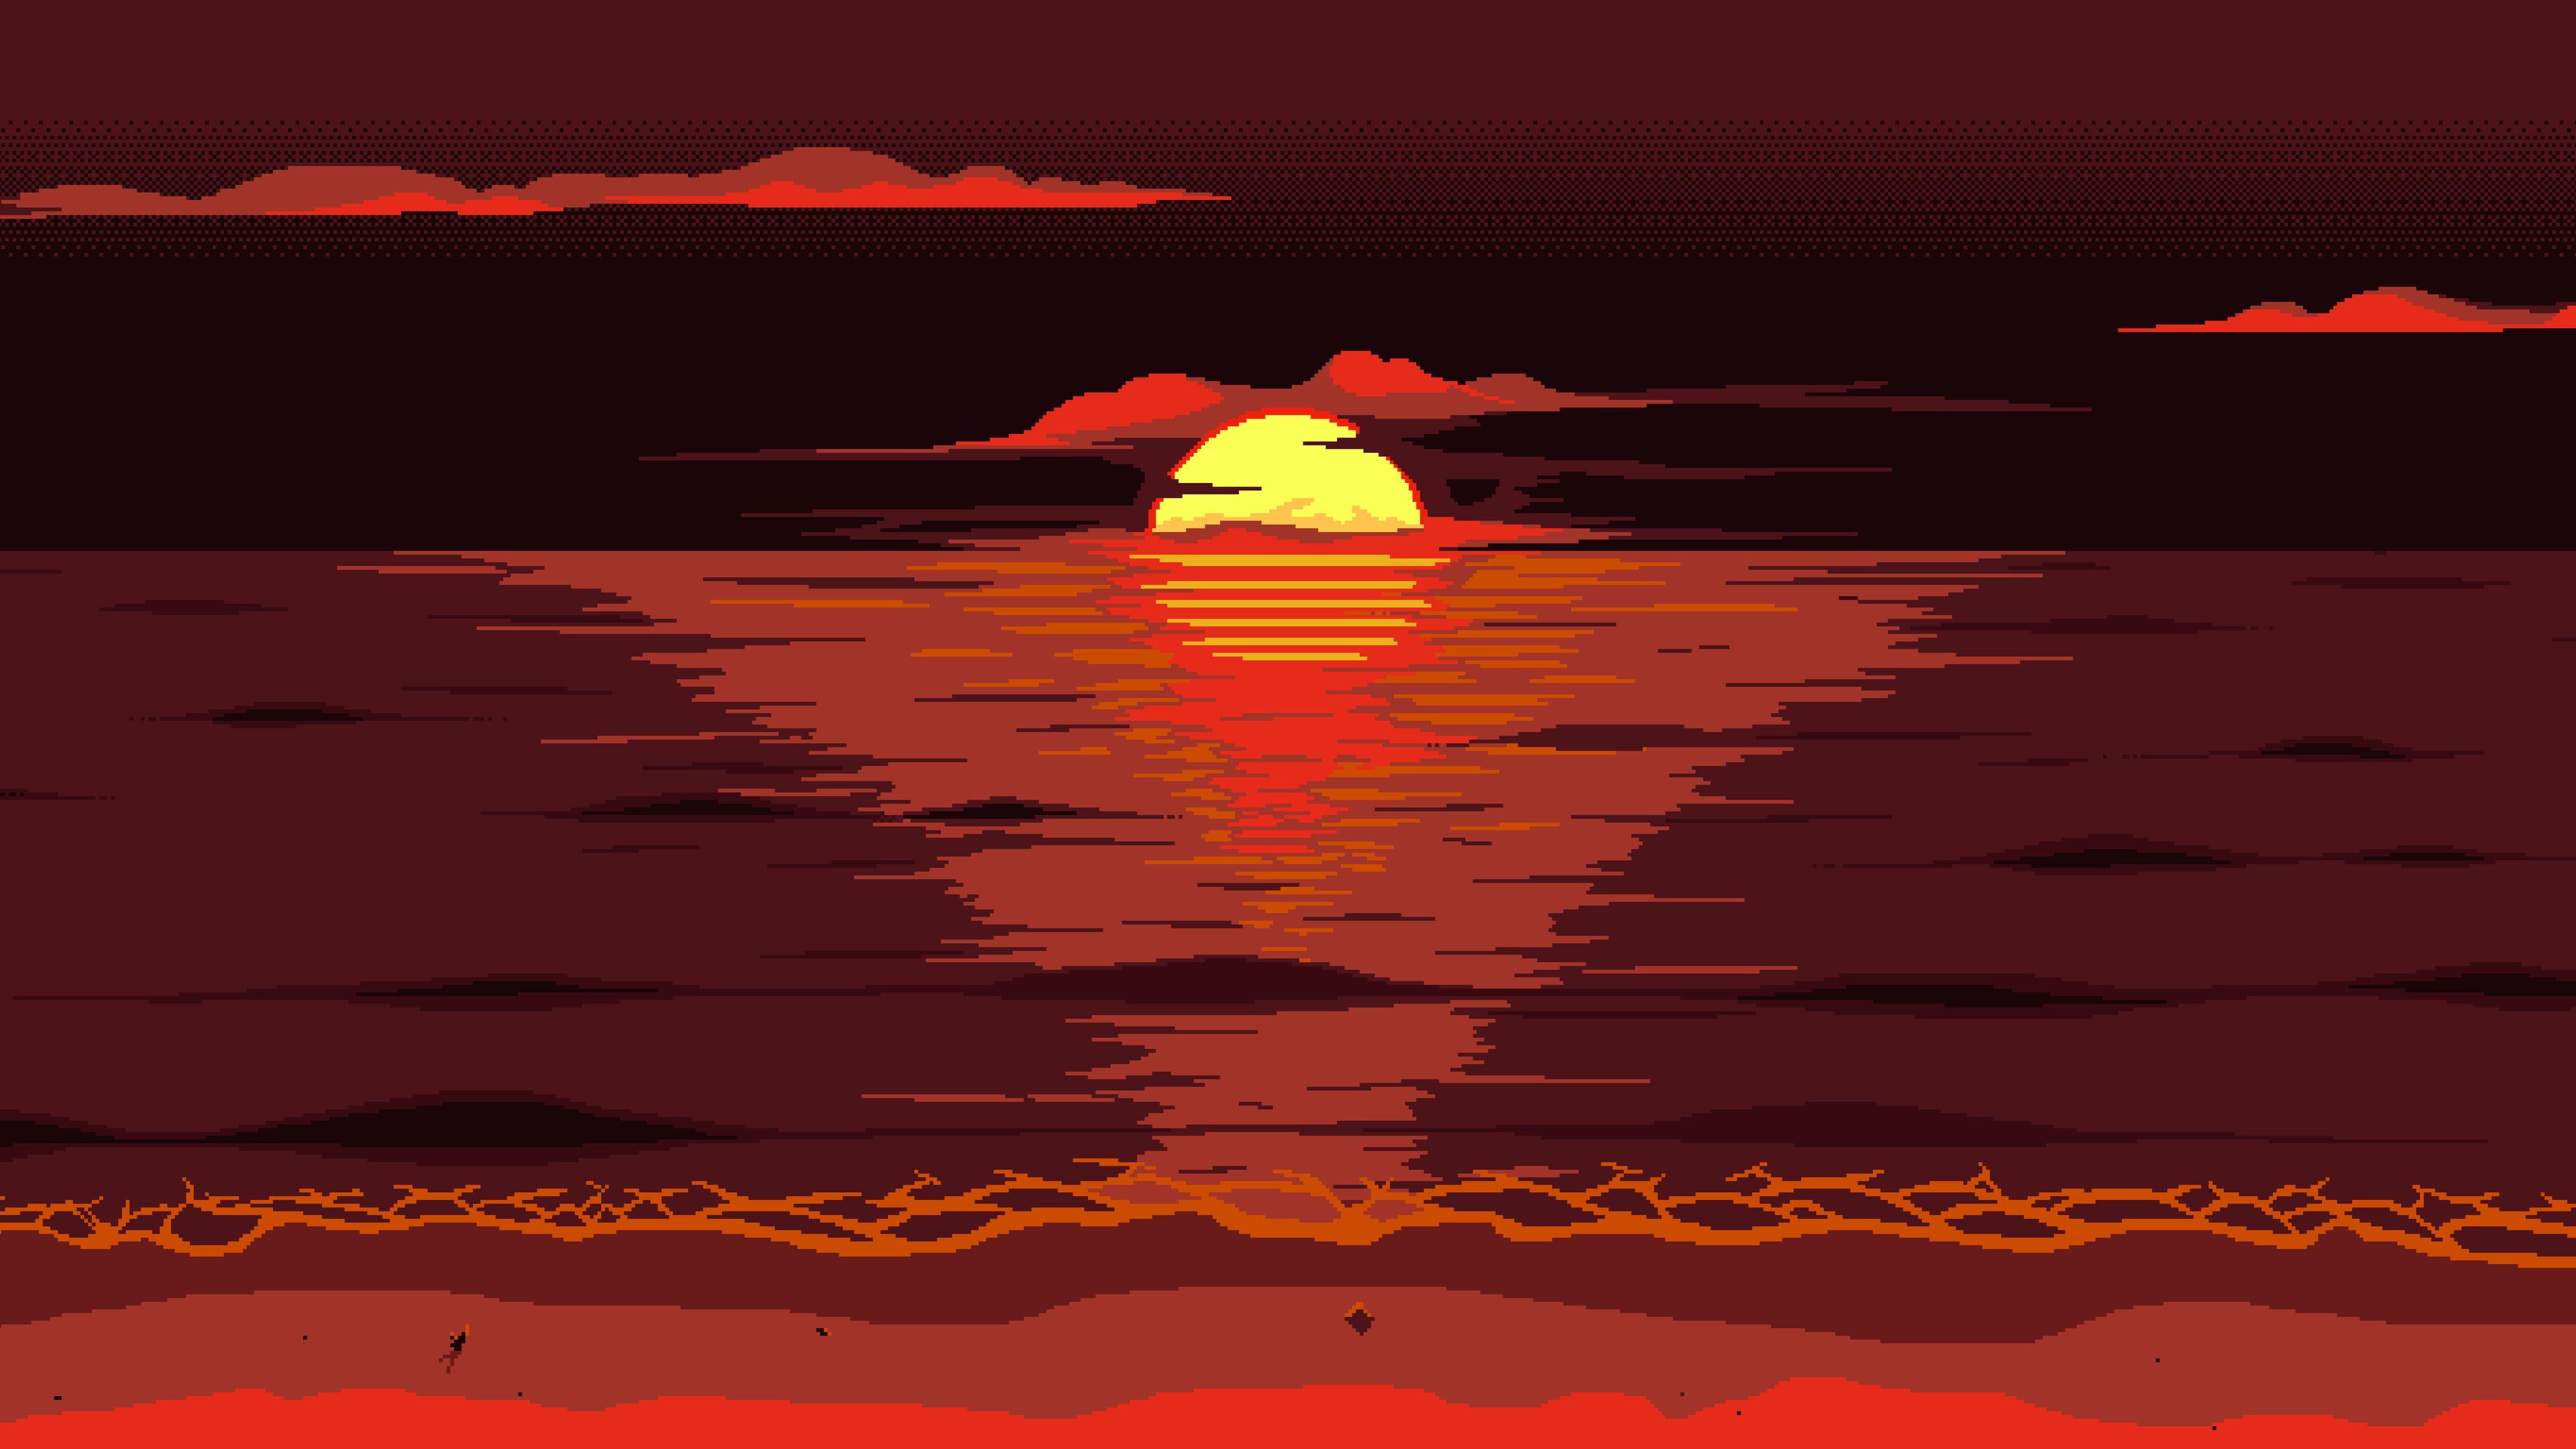 red dark pixel art sunset 4k 1540755598 - Red Dark Pixel Art Sunset 4k - sunset wallpapers, minimalist wallpapers, minimalism wallpapers, hd-wallpapers, hd wallpapers4k wallpapers, digital art wallpapers, artwork wallpapers, artist wallpapers, 8k wallpapers, 4k-wallpapers